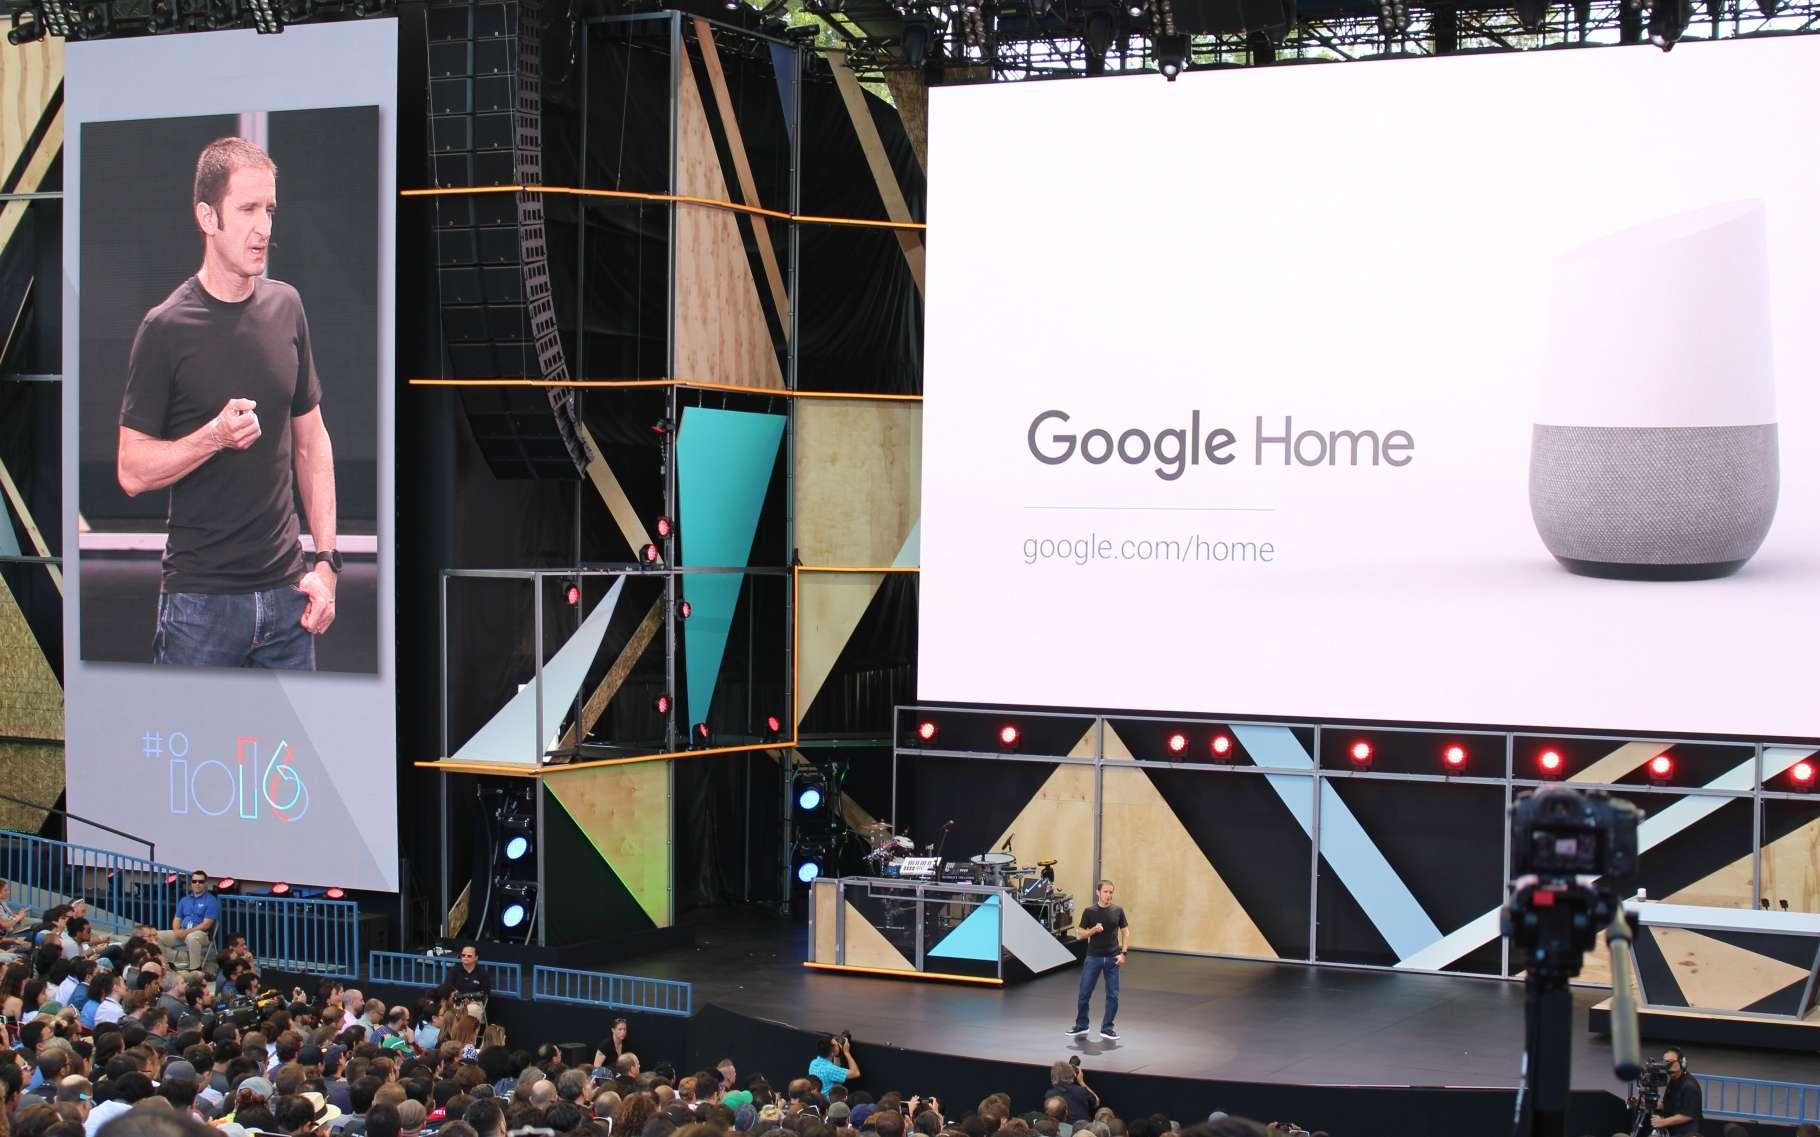 La présentation de Google Home, un appareil intégrant un assistant virtuel à commande vocale censément capable de contrôler différents objets de la maison. © AFP Photo, Glenn Chapman